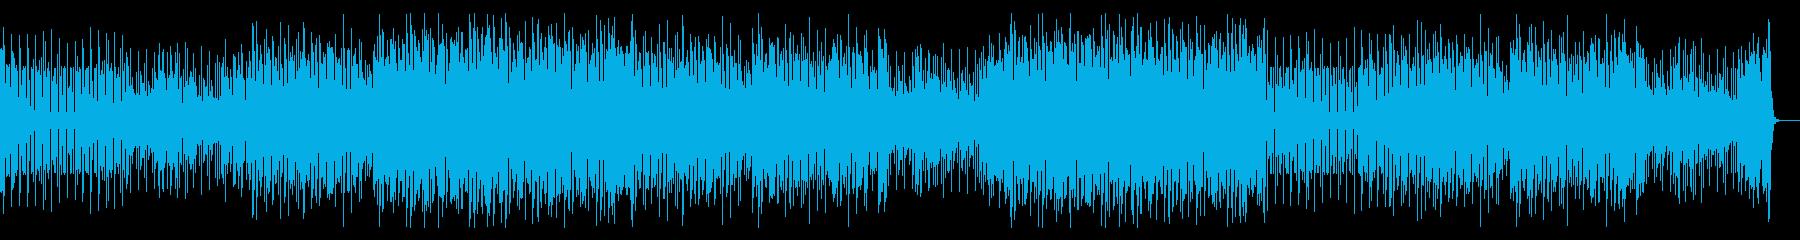 ファンキー&クールな王道アシッドジャズの再生済みの波形